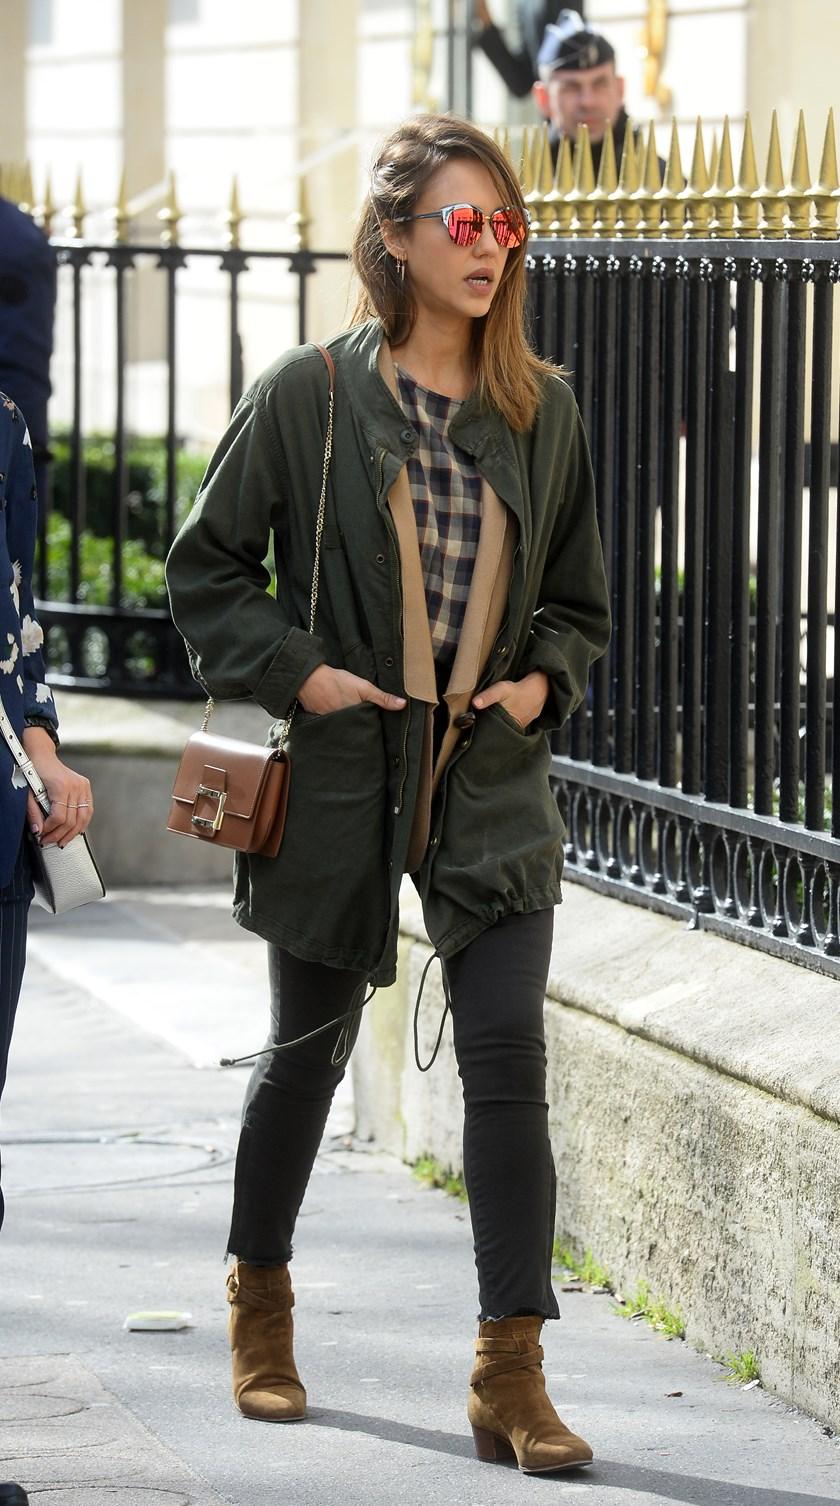 Jessica Alba Zna Kako Kombinirati Parku Fashion Hr Style Community